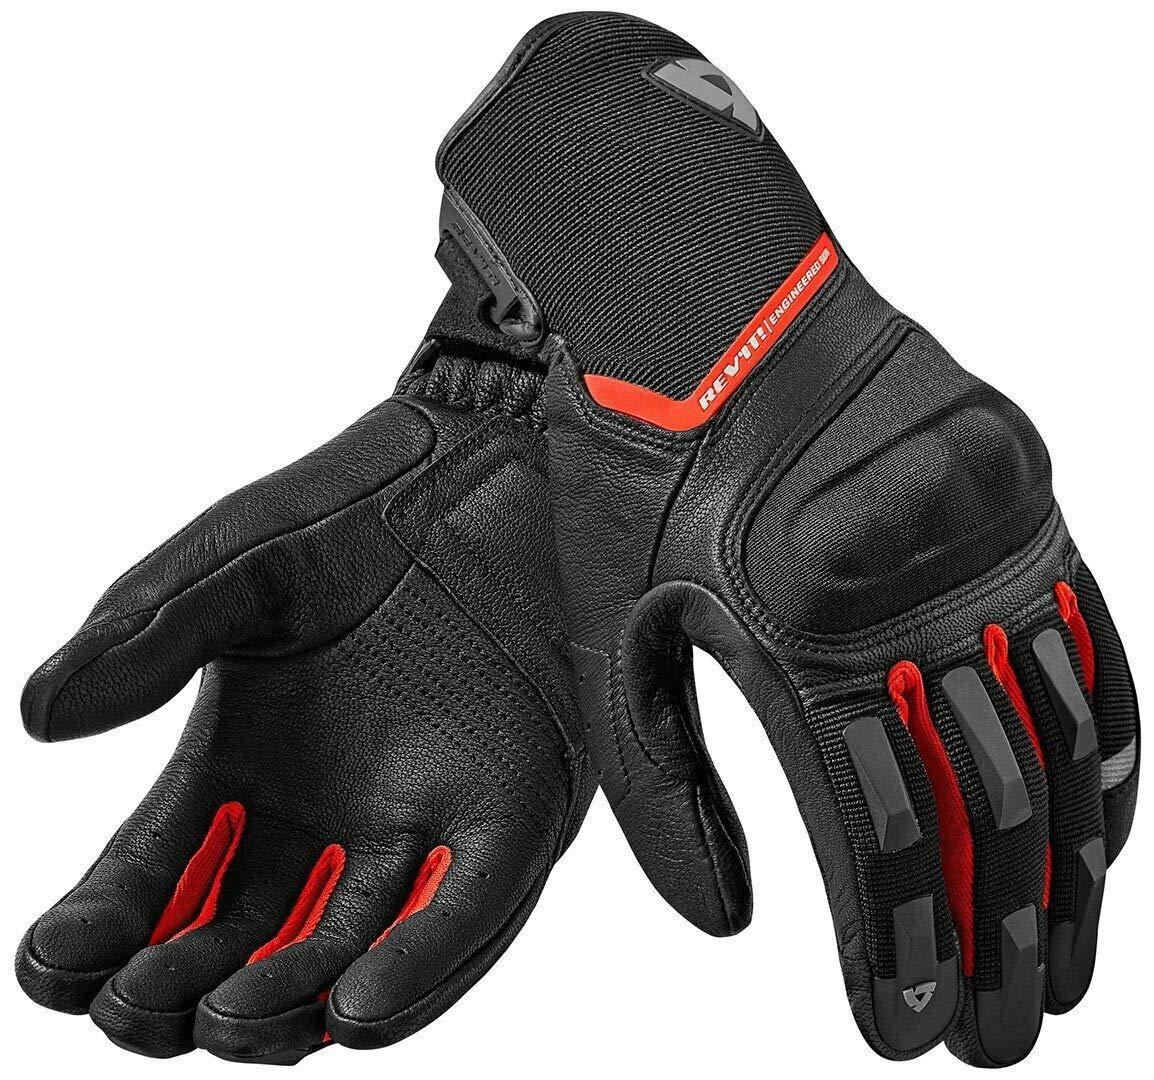 Guantes de piel para motocicleta gris y rojo REVIT Striker blanco color negro